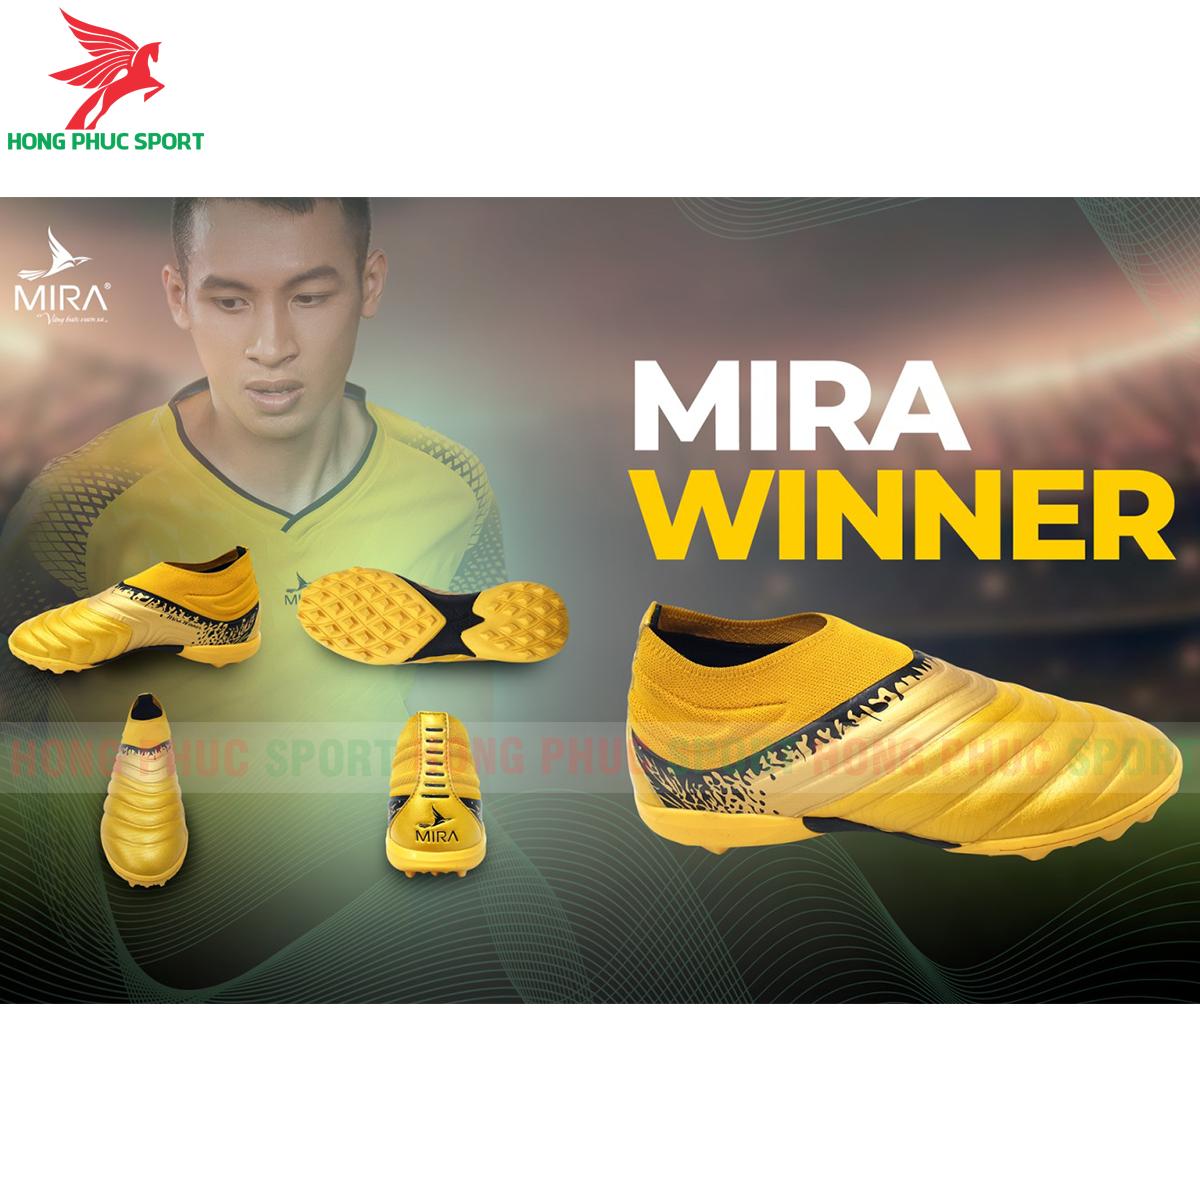 Giày Mira Winner sân cỏ nhân tạo màu vàng